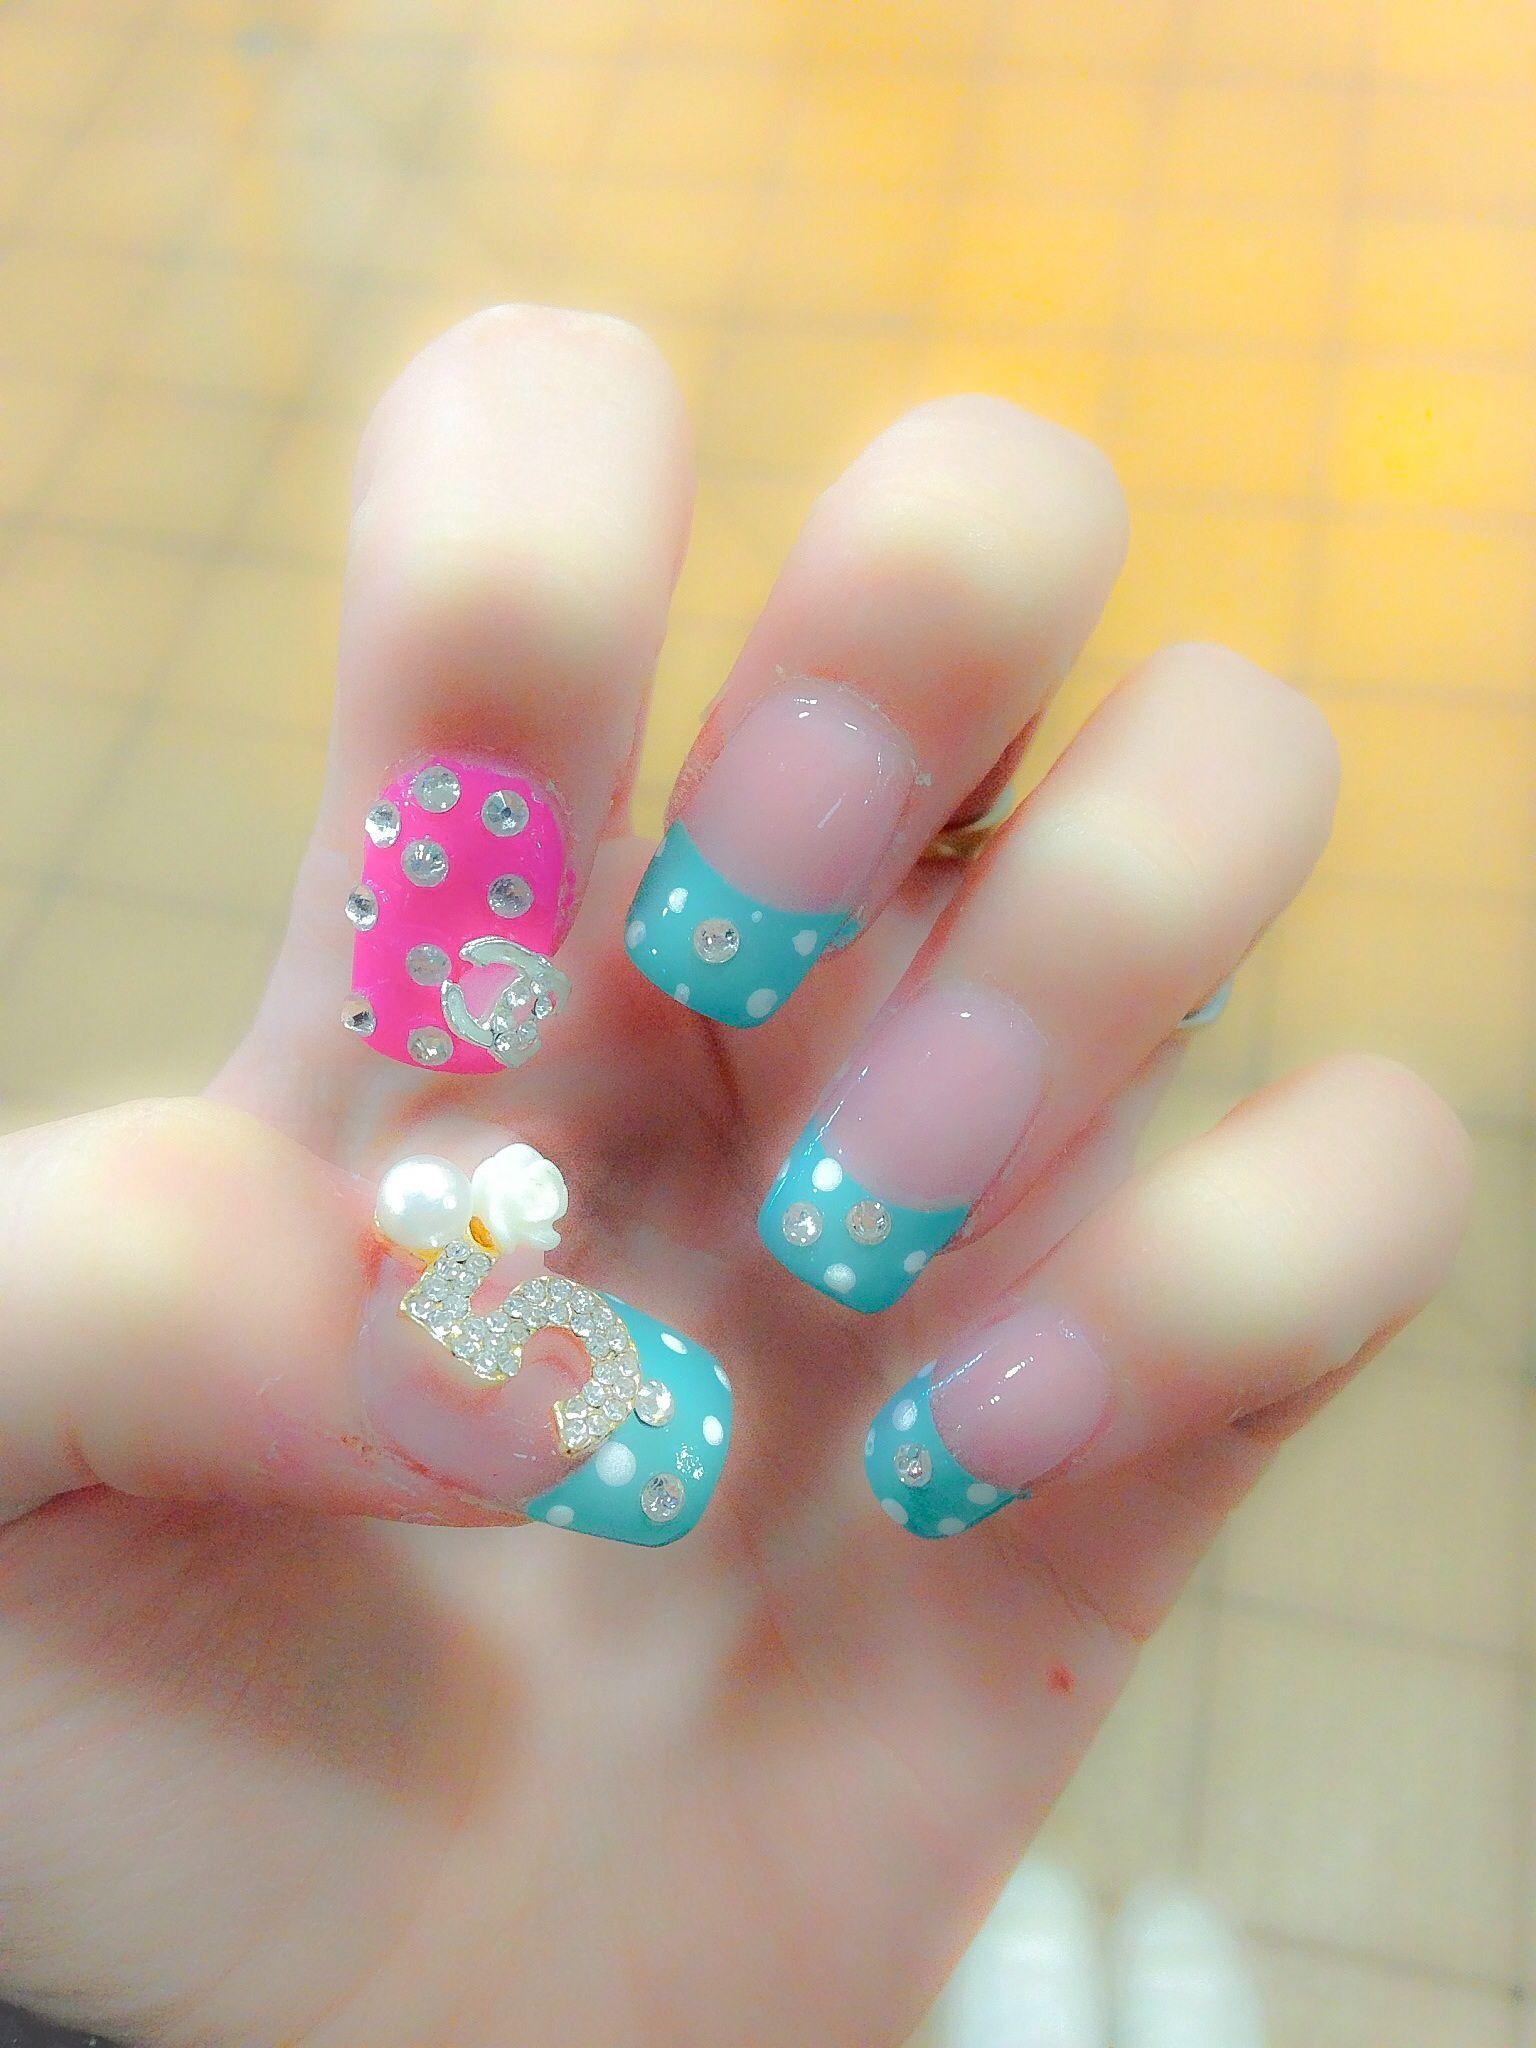 acrylic nails. chanel .5 3d nail